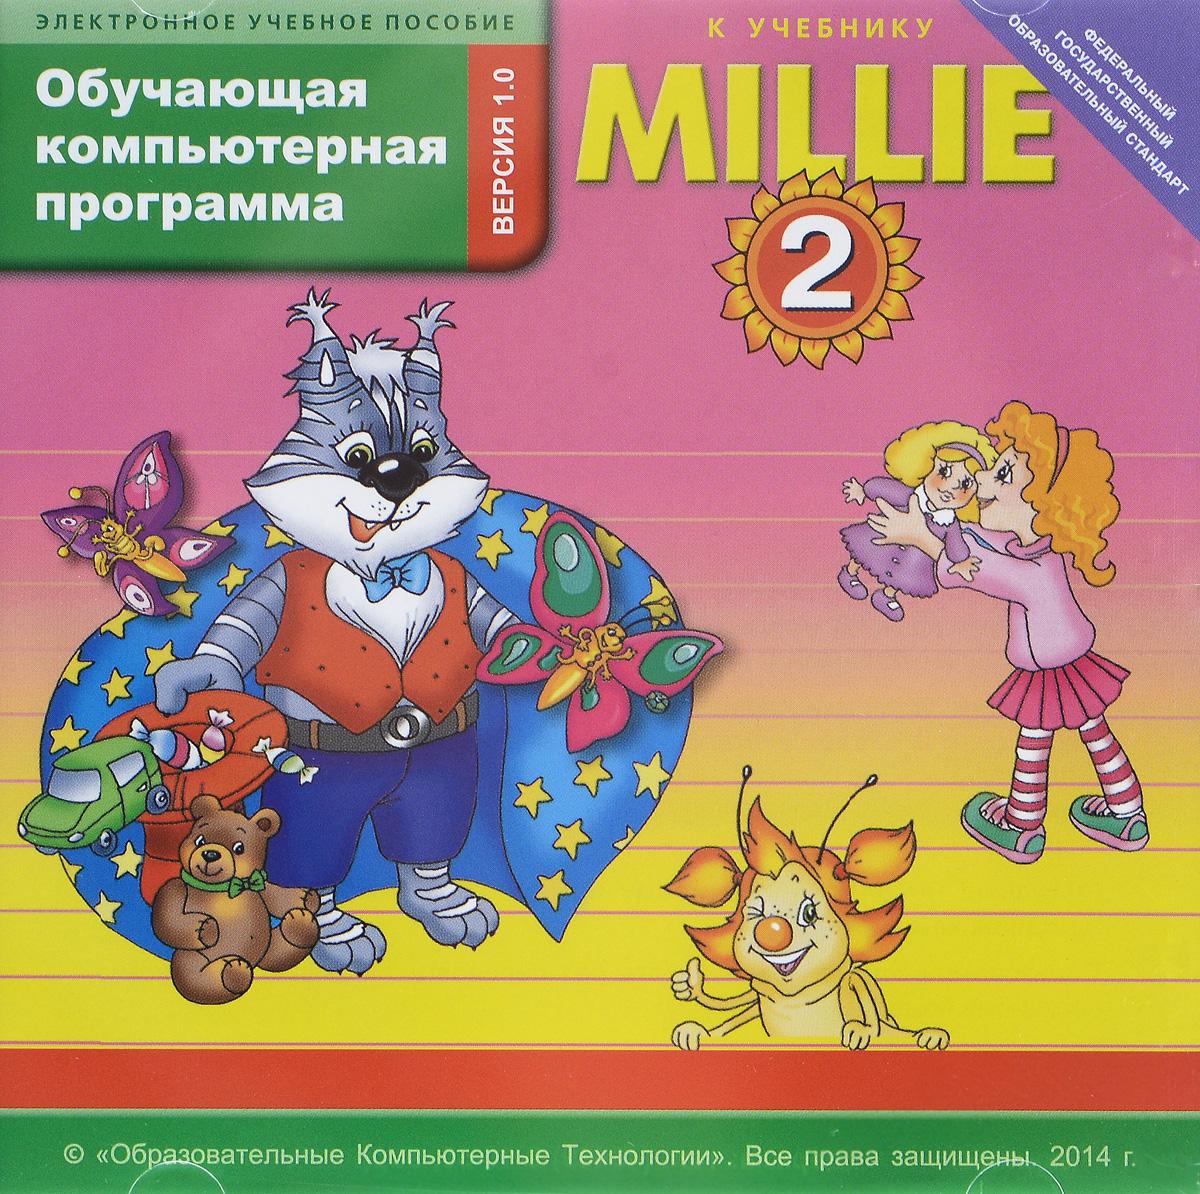 Millie 2 / Милли. Английский язык. 2 класс. Обучающая компьютерная программа, Титул